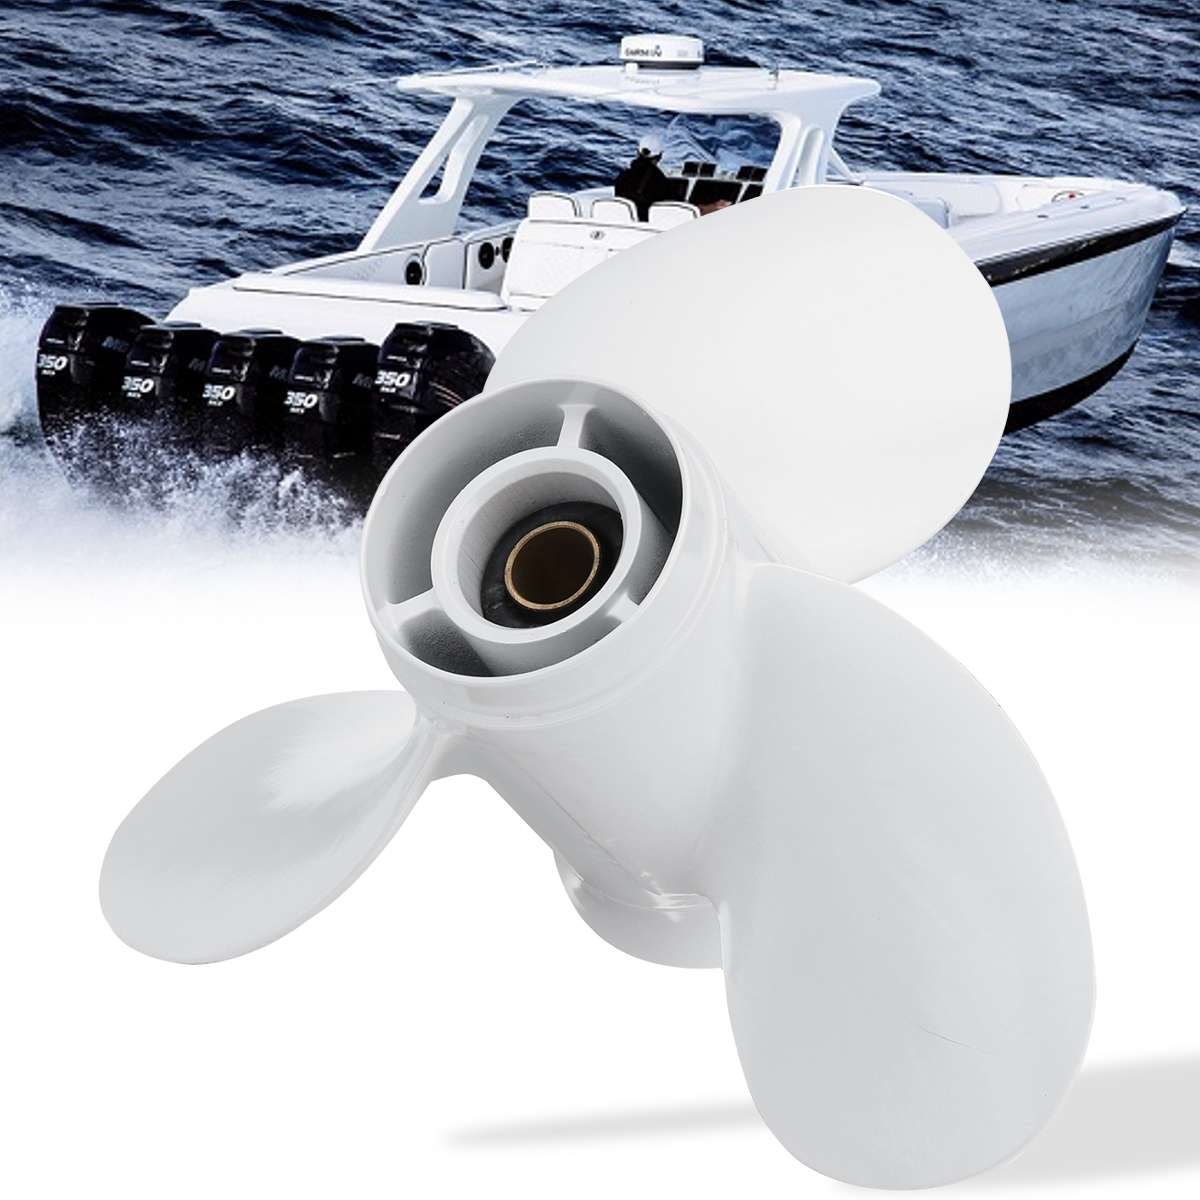 683-45941-00-EL 9 1/4x12 Barca Fuoribordo Elica Per Yamaha 9.9-15HP di Alluminio Bianco 3 Lame 8 Spline Tooths diametro di 235mm